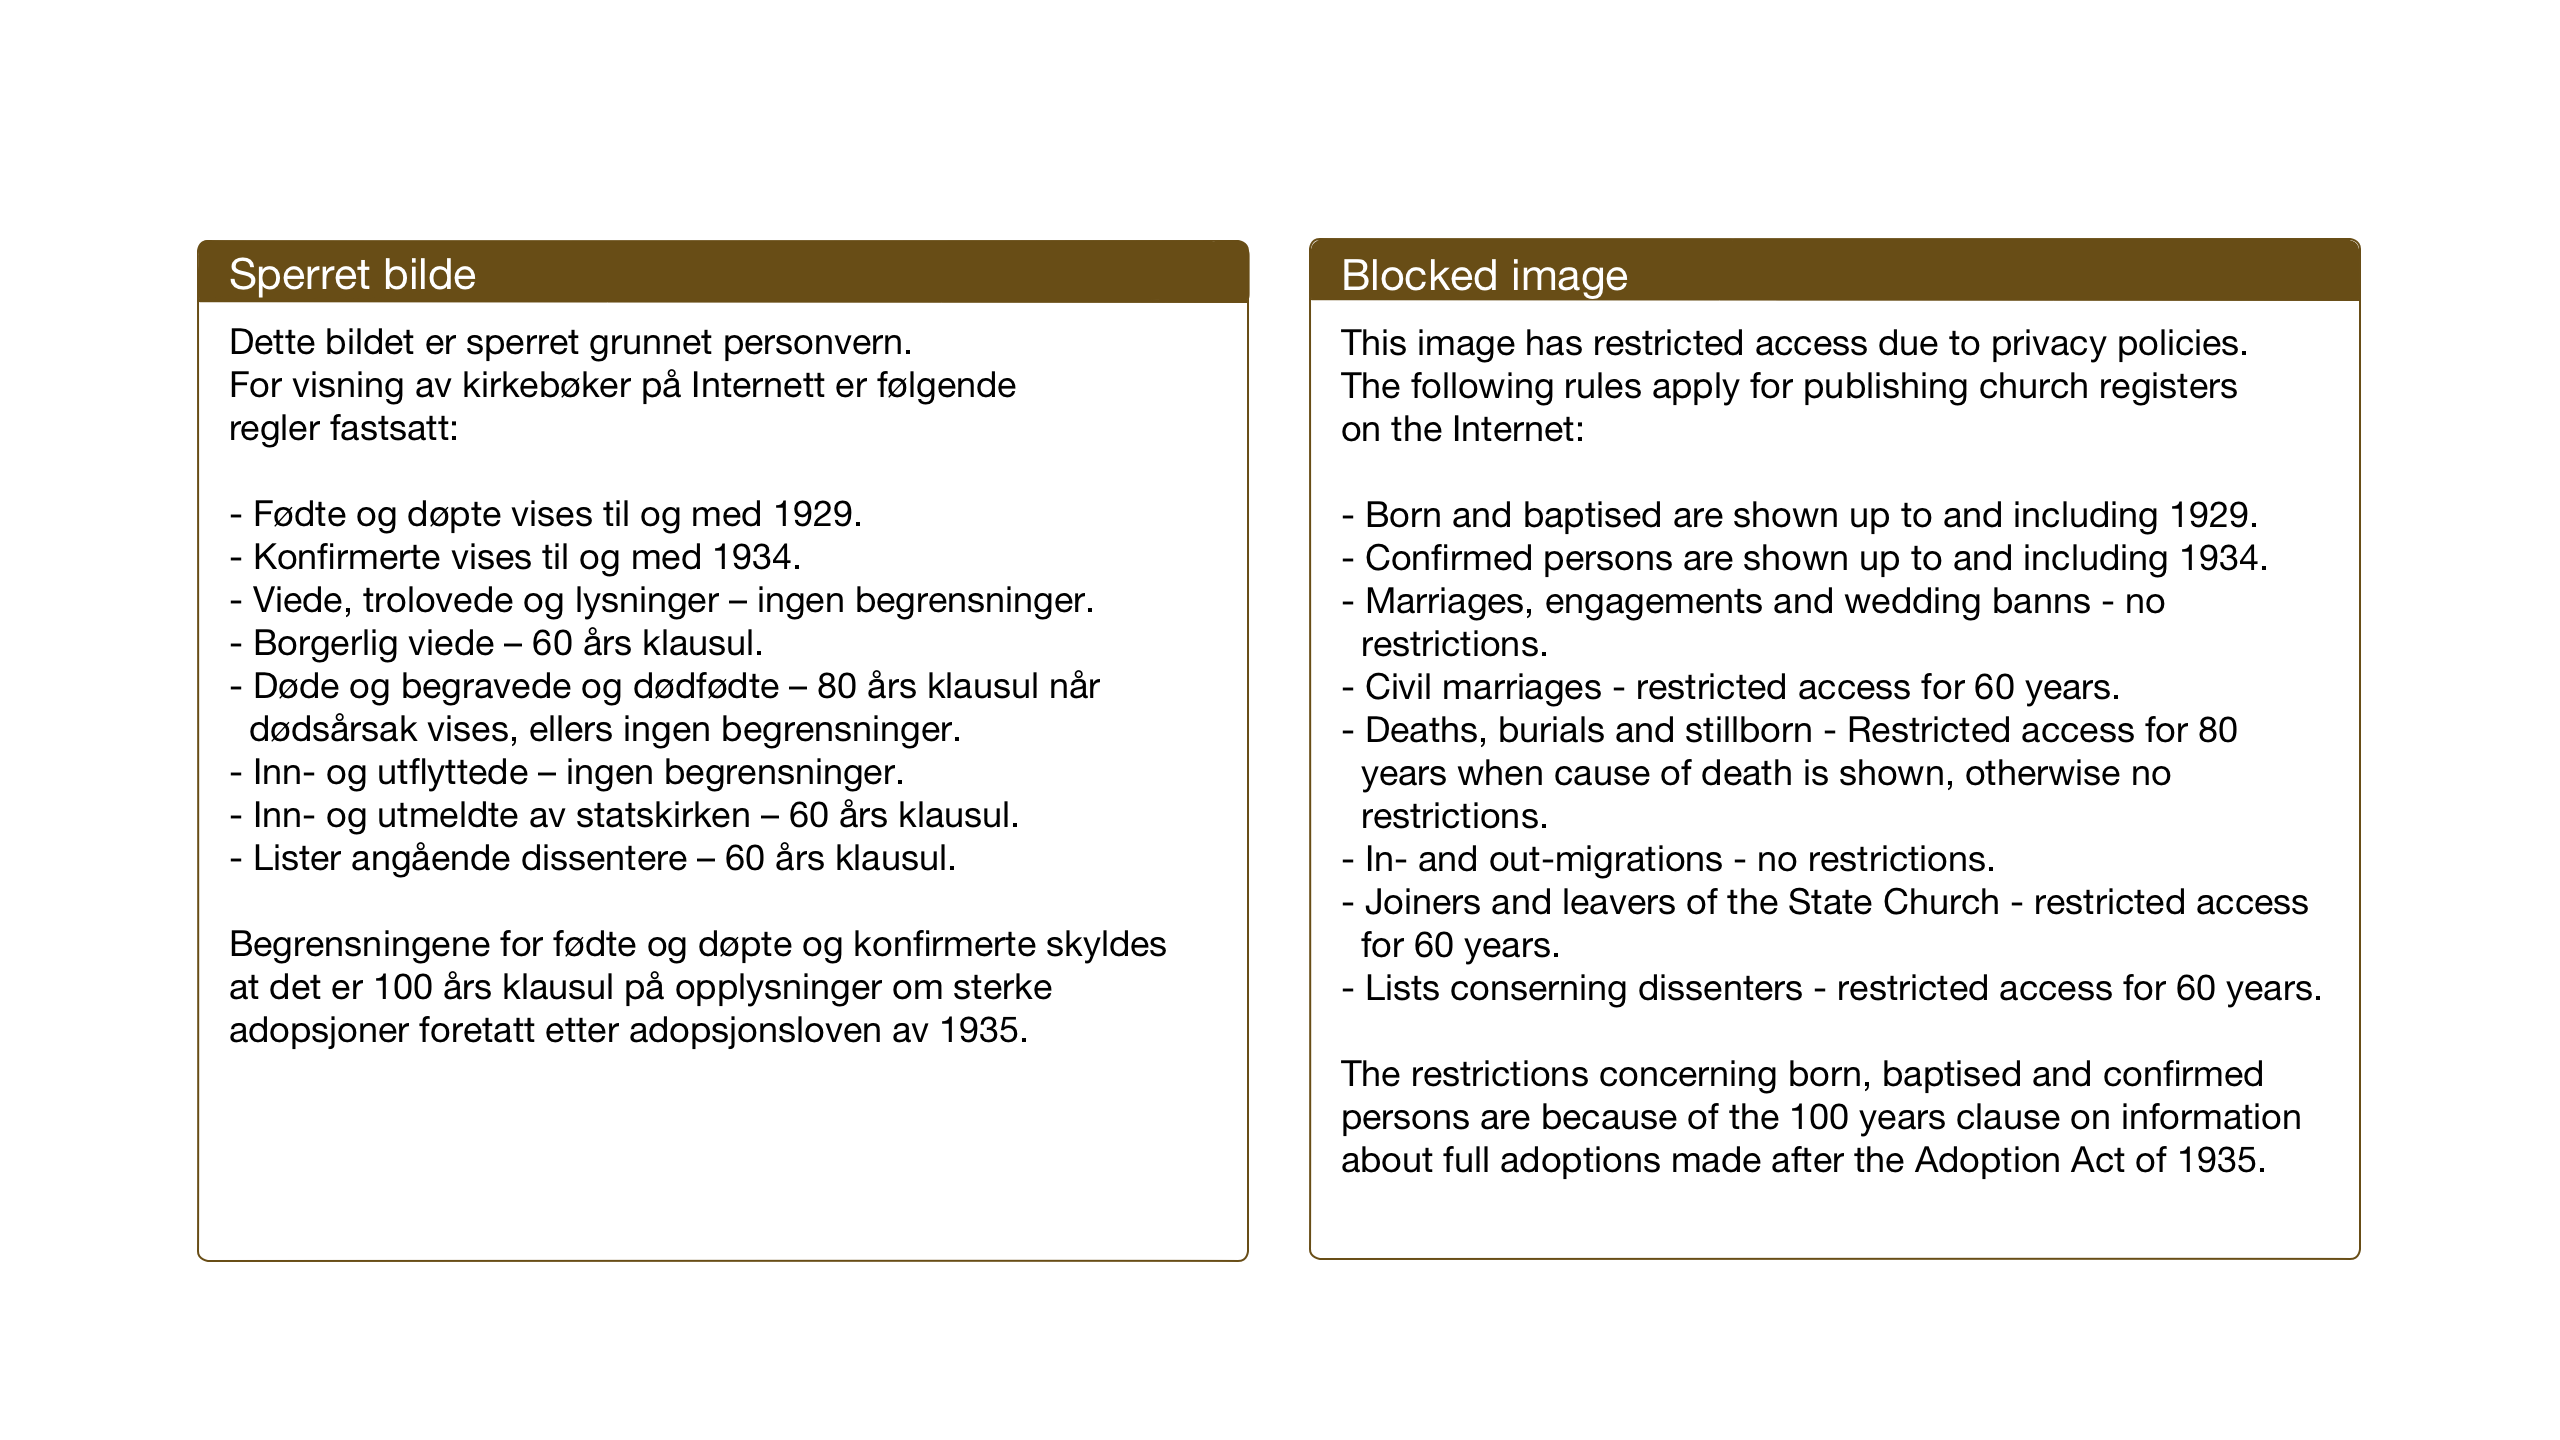 SAT, Ministerialprotokoller, klokkerbøker og fødselsregistre - Nord-Trøndelag, 710/L0097: Klokkerbok nr. 710C02, 1925-1955, s. 107